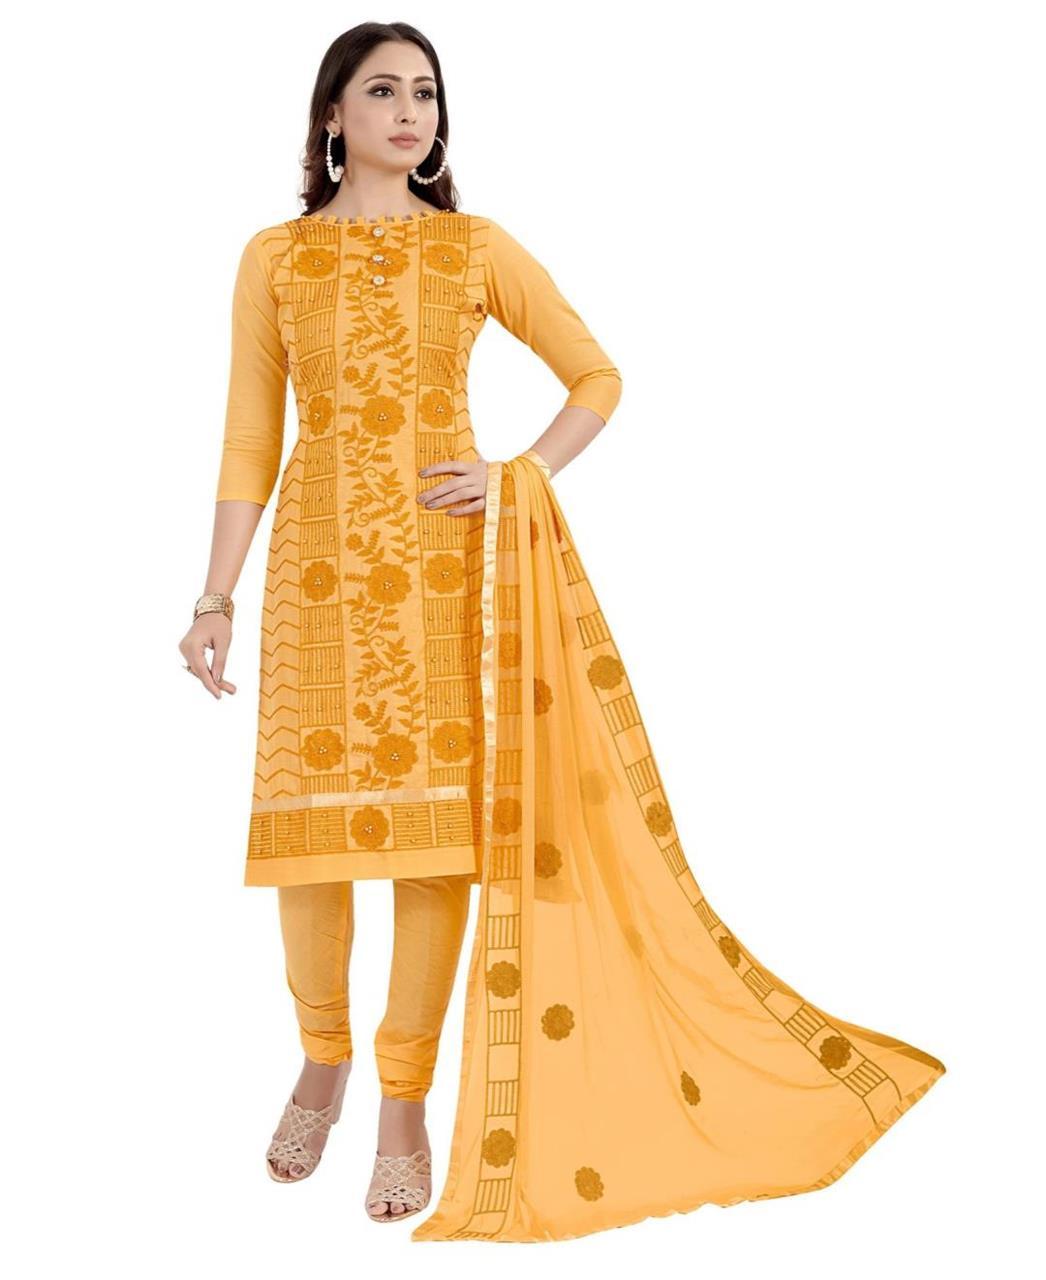 HandWorked Cotton Patiyala Suit Salwar in Yellow